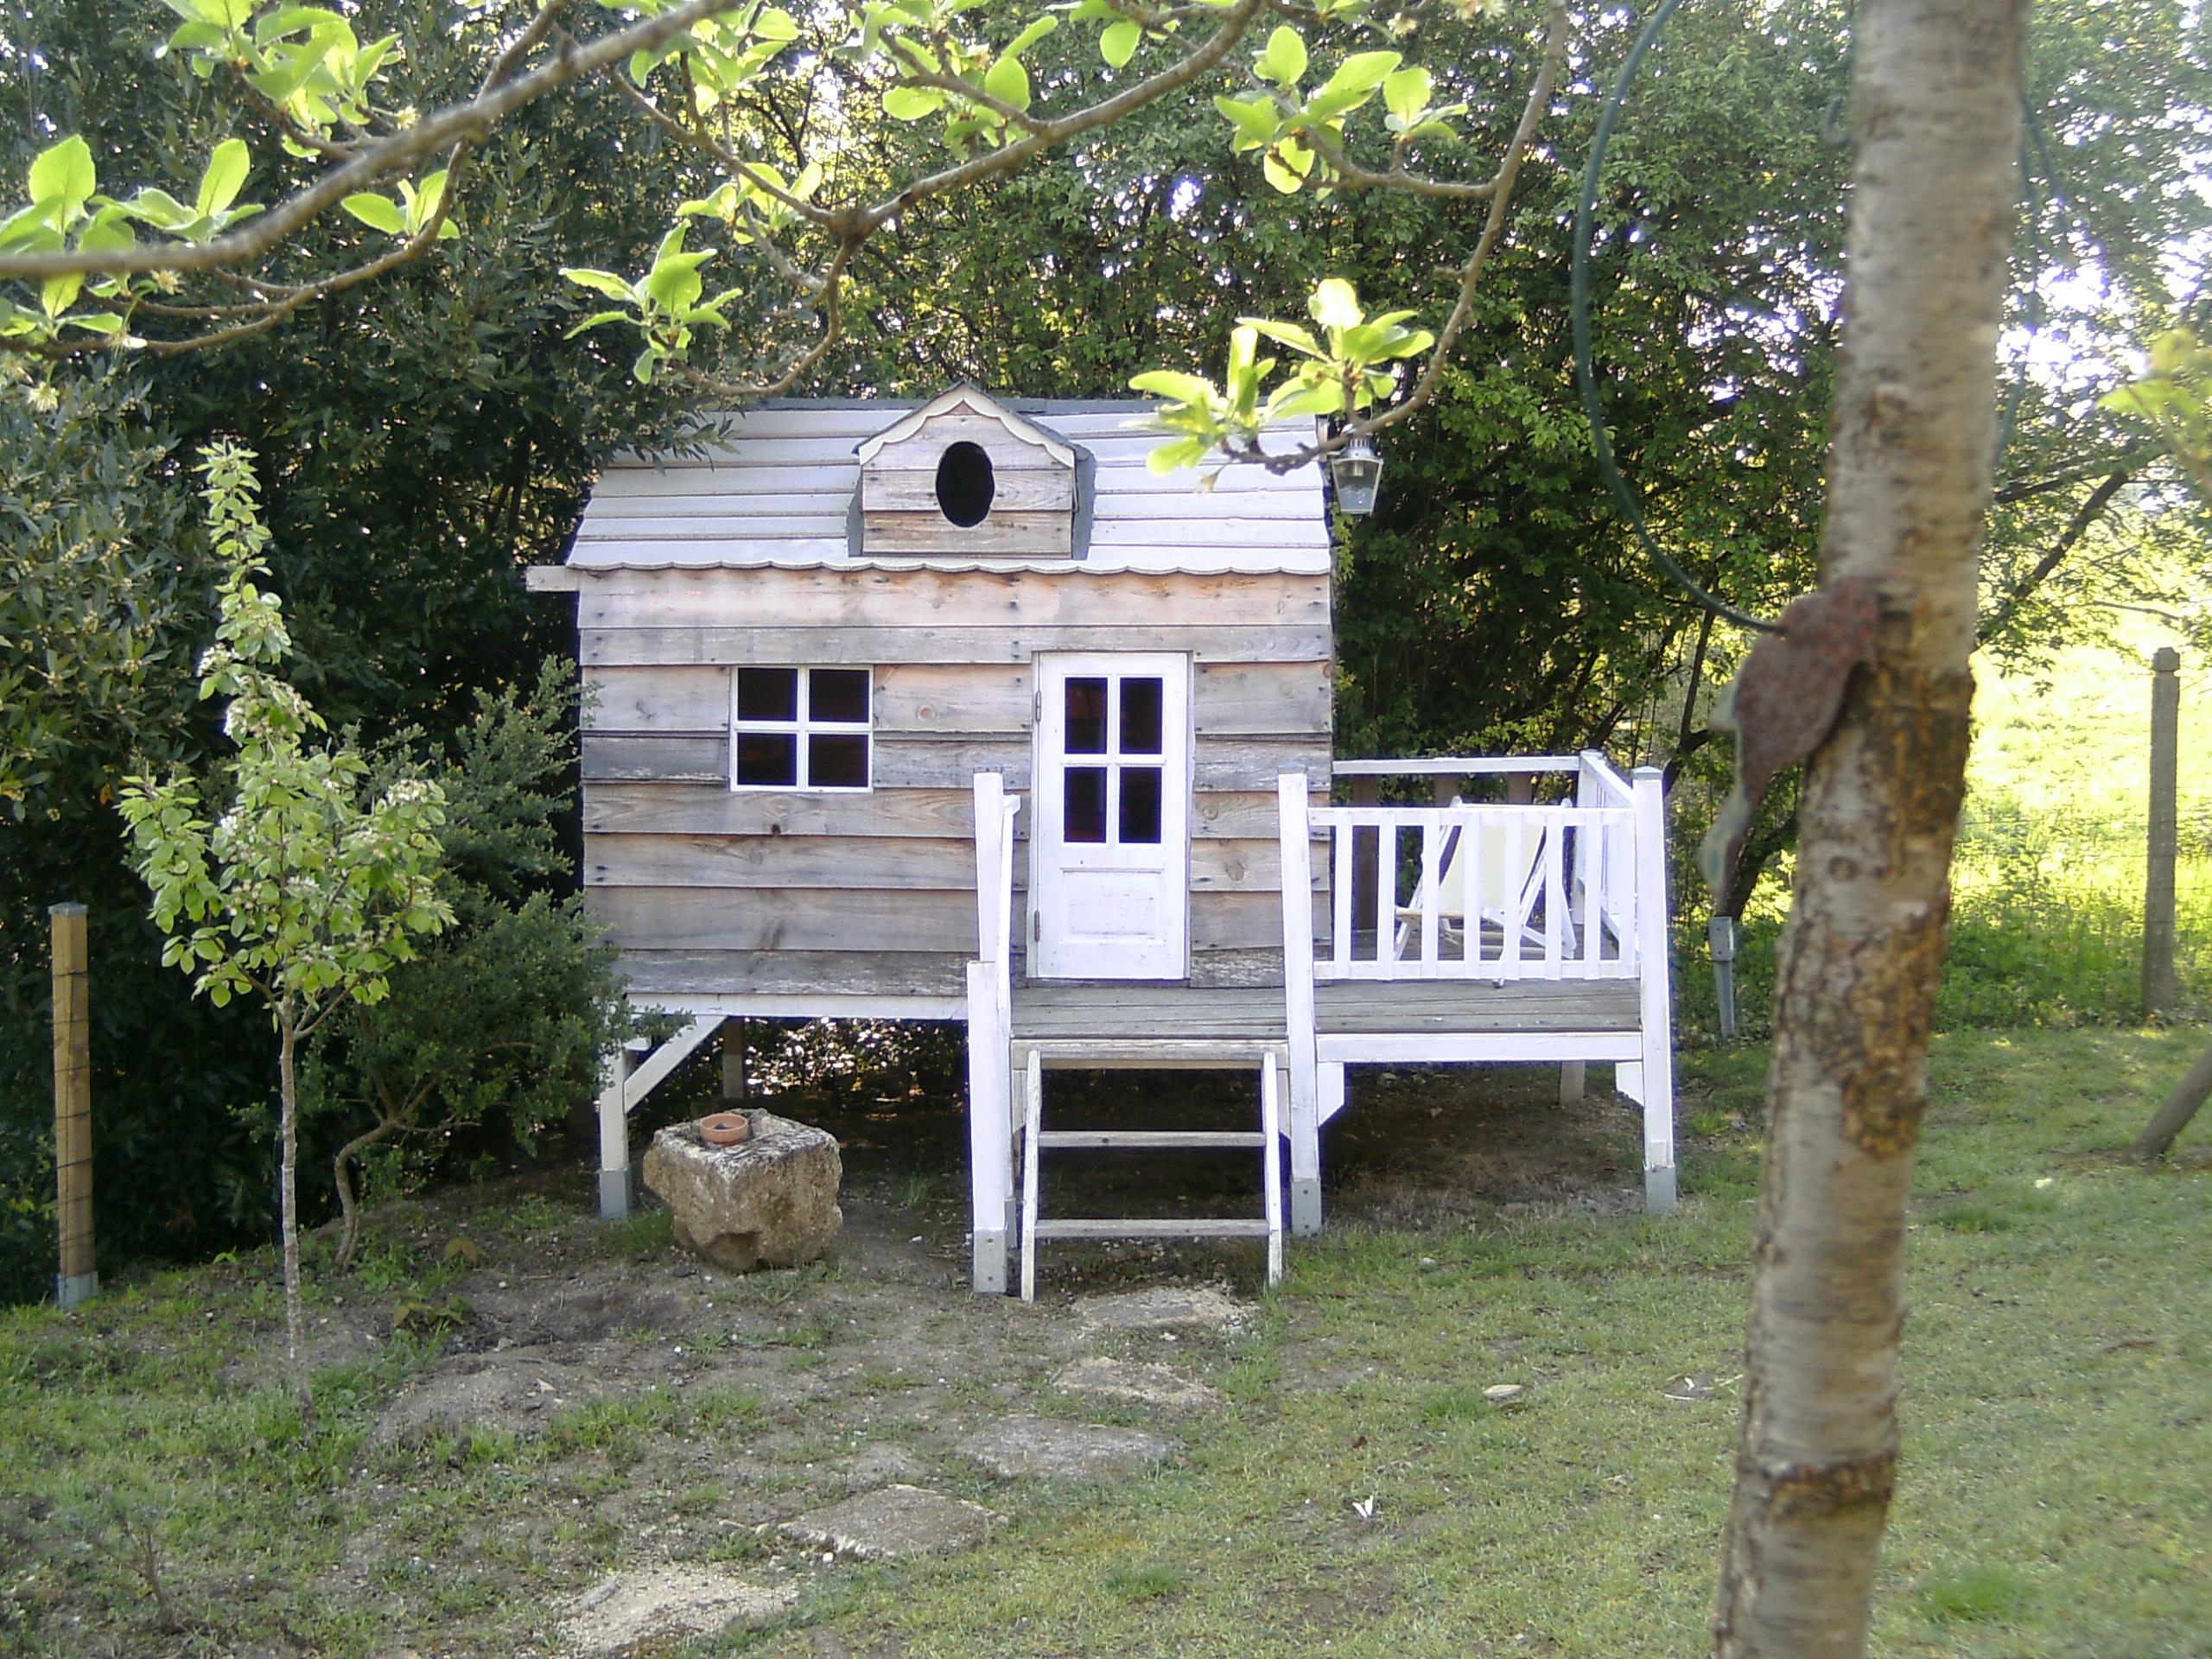 30 Cabanes Pour Les Enfants | Diaporama Photo concernant Maison De Jardin Pour Enfant